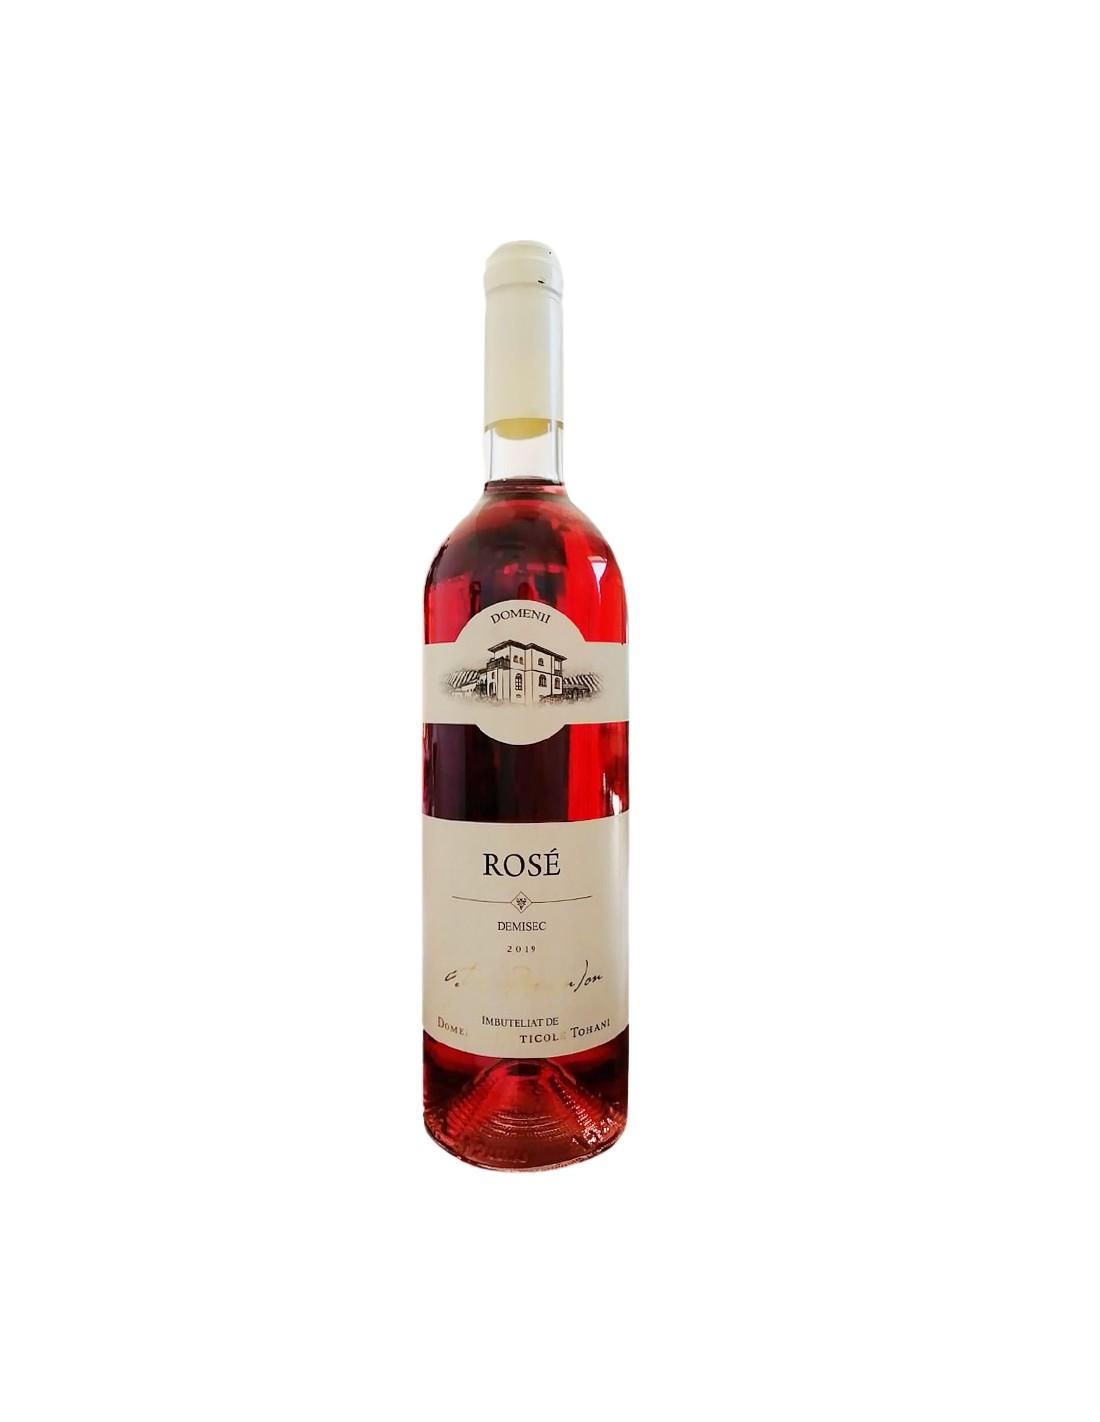 Vin roze demisec, Merlot, Domeniile Tohani Dealu Mare, 0.75L, 13% alc., Romania